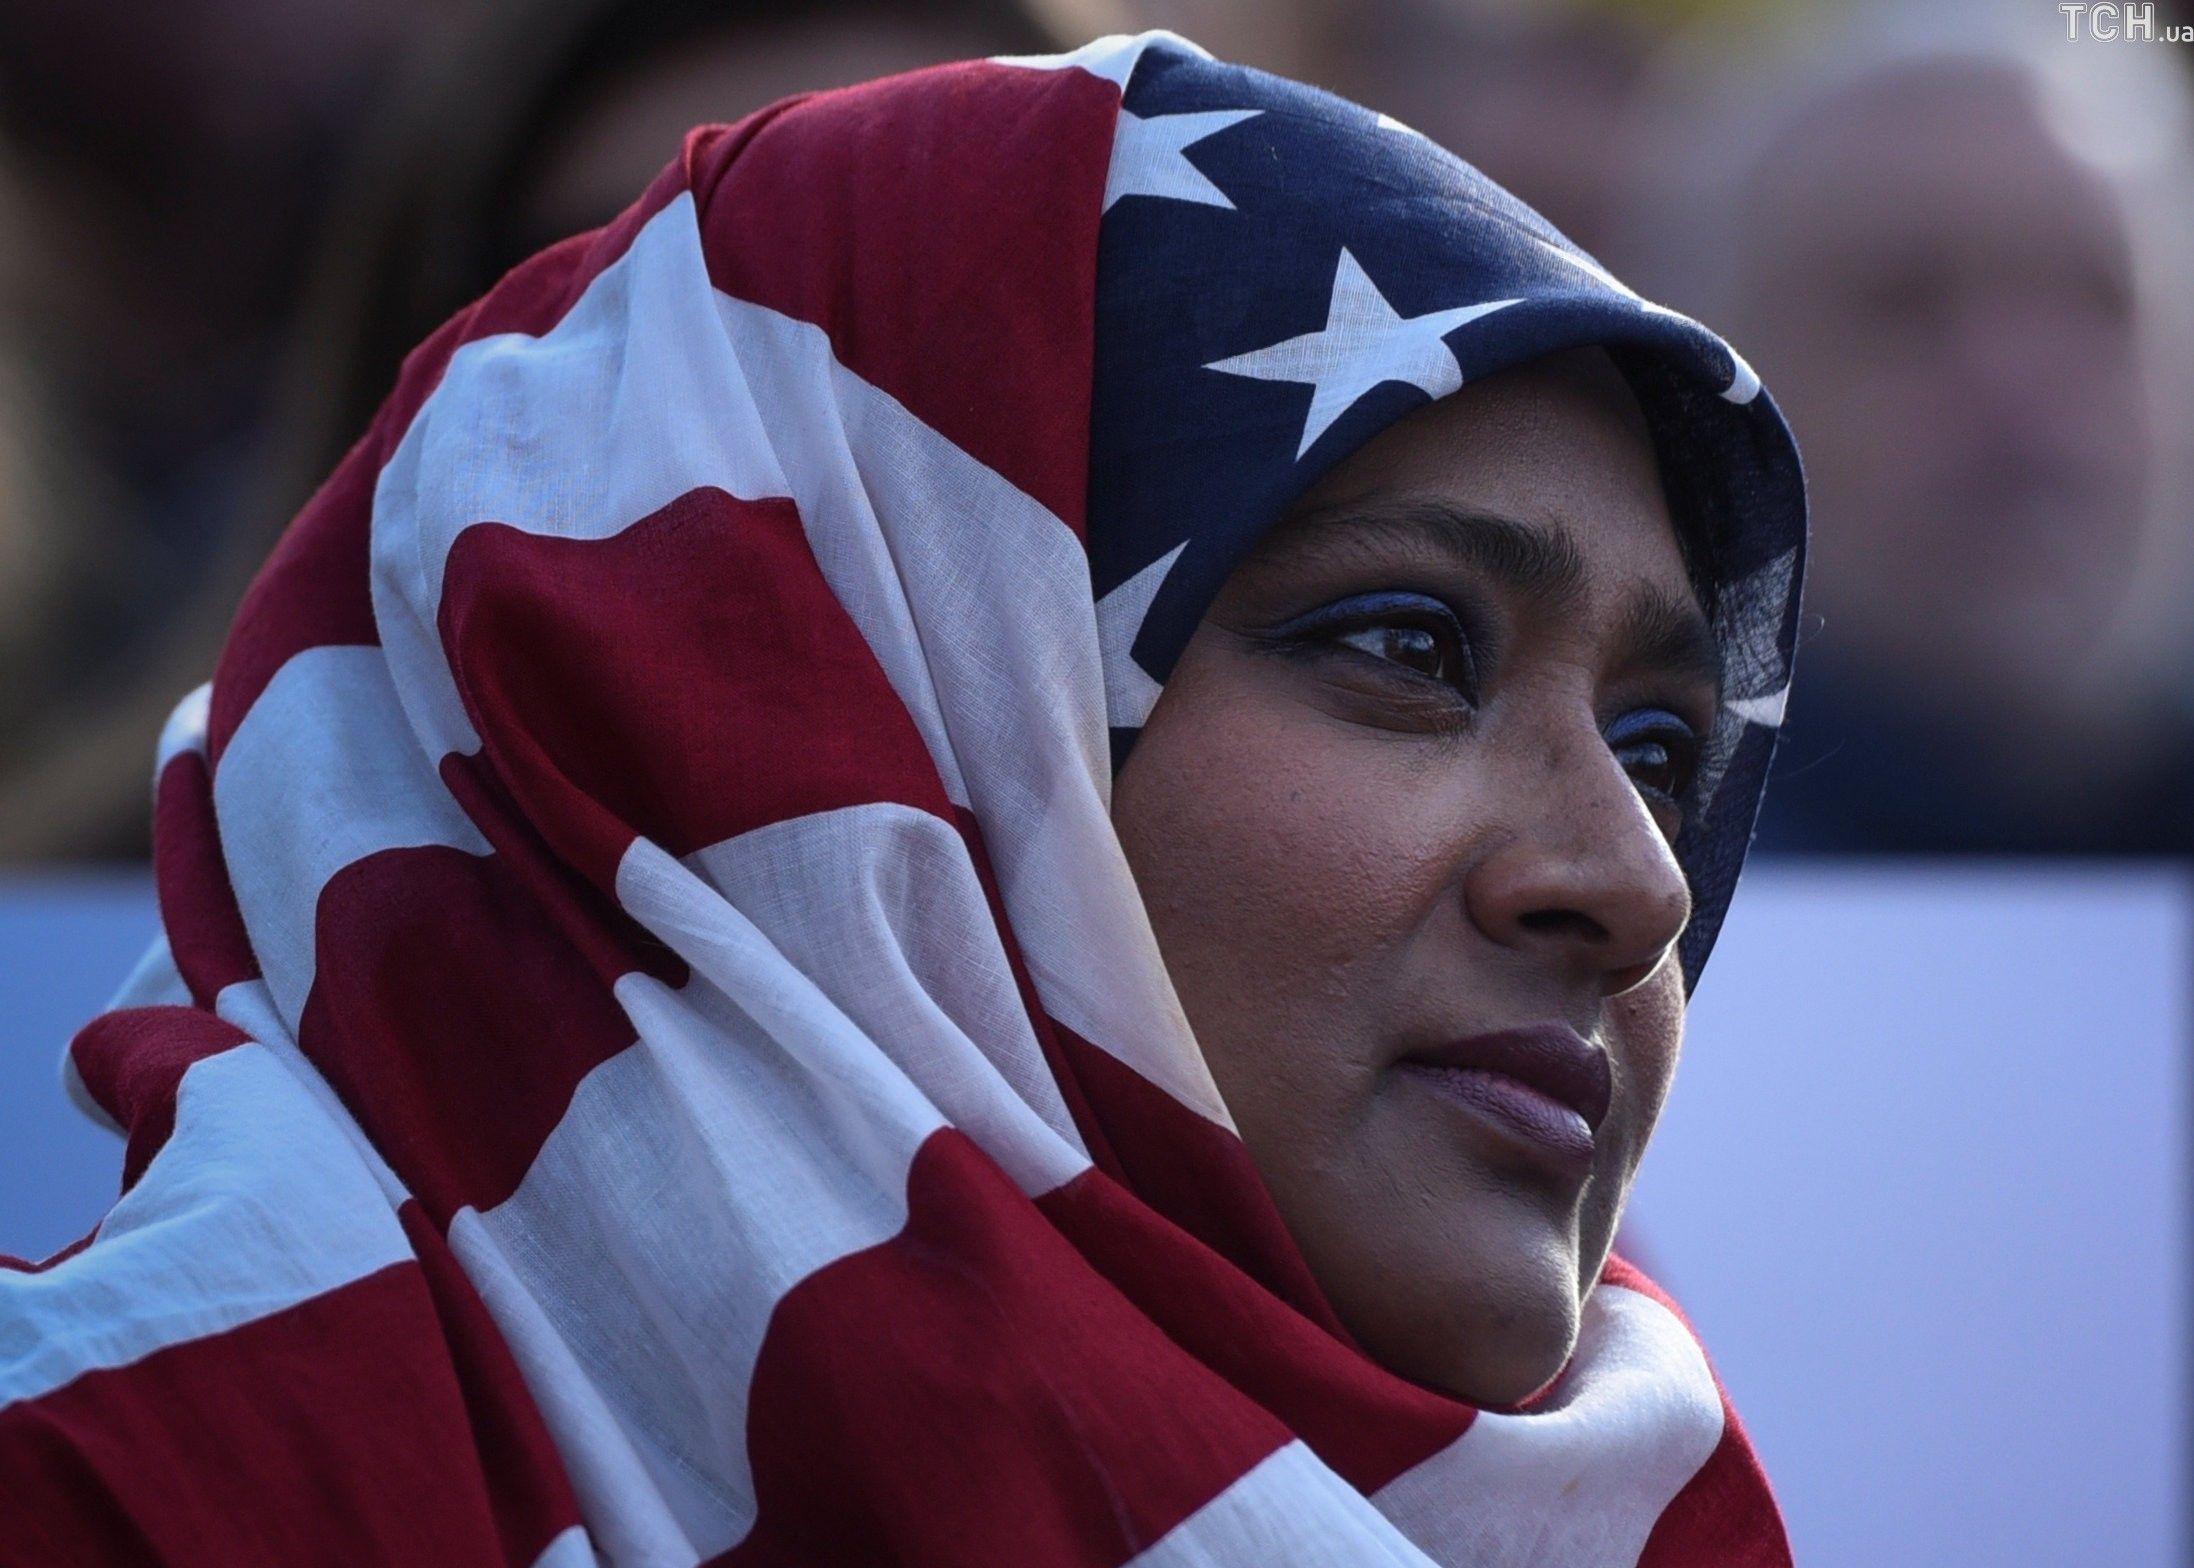 Америку охопили масові протести через указ Трампа про імміграцію_12